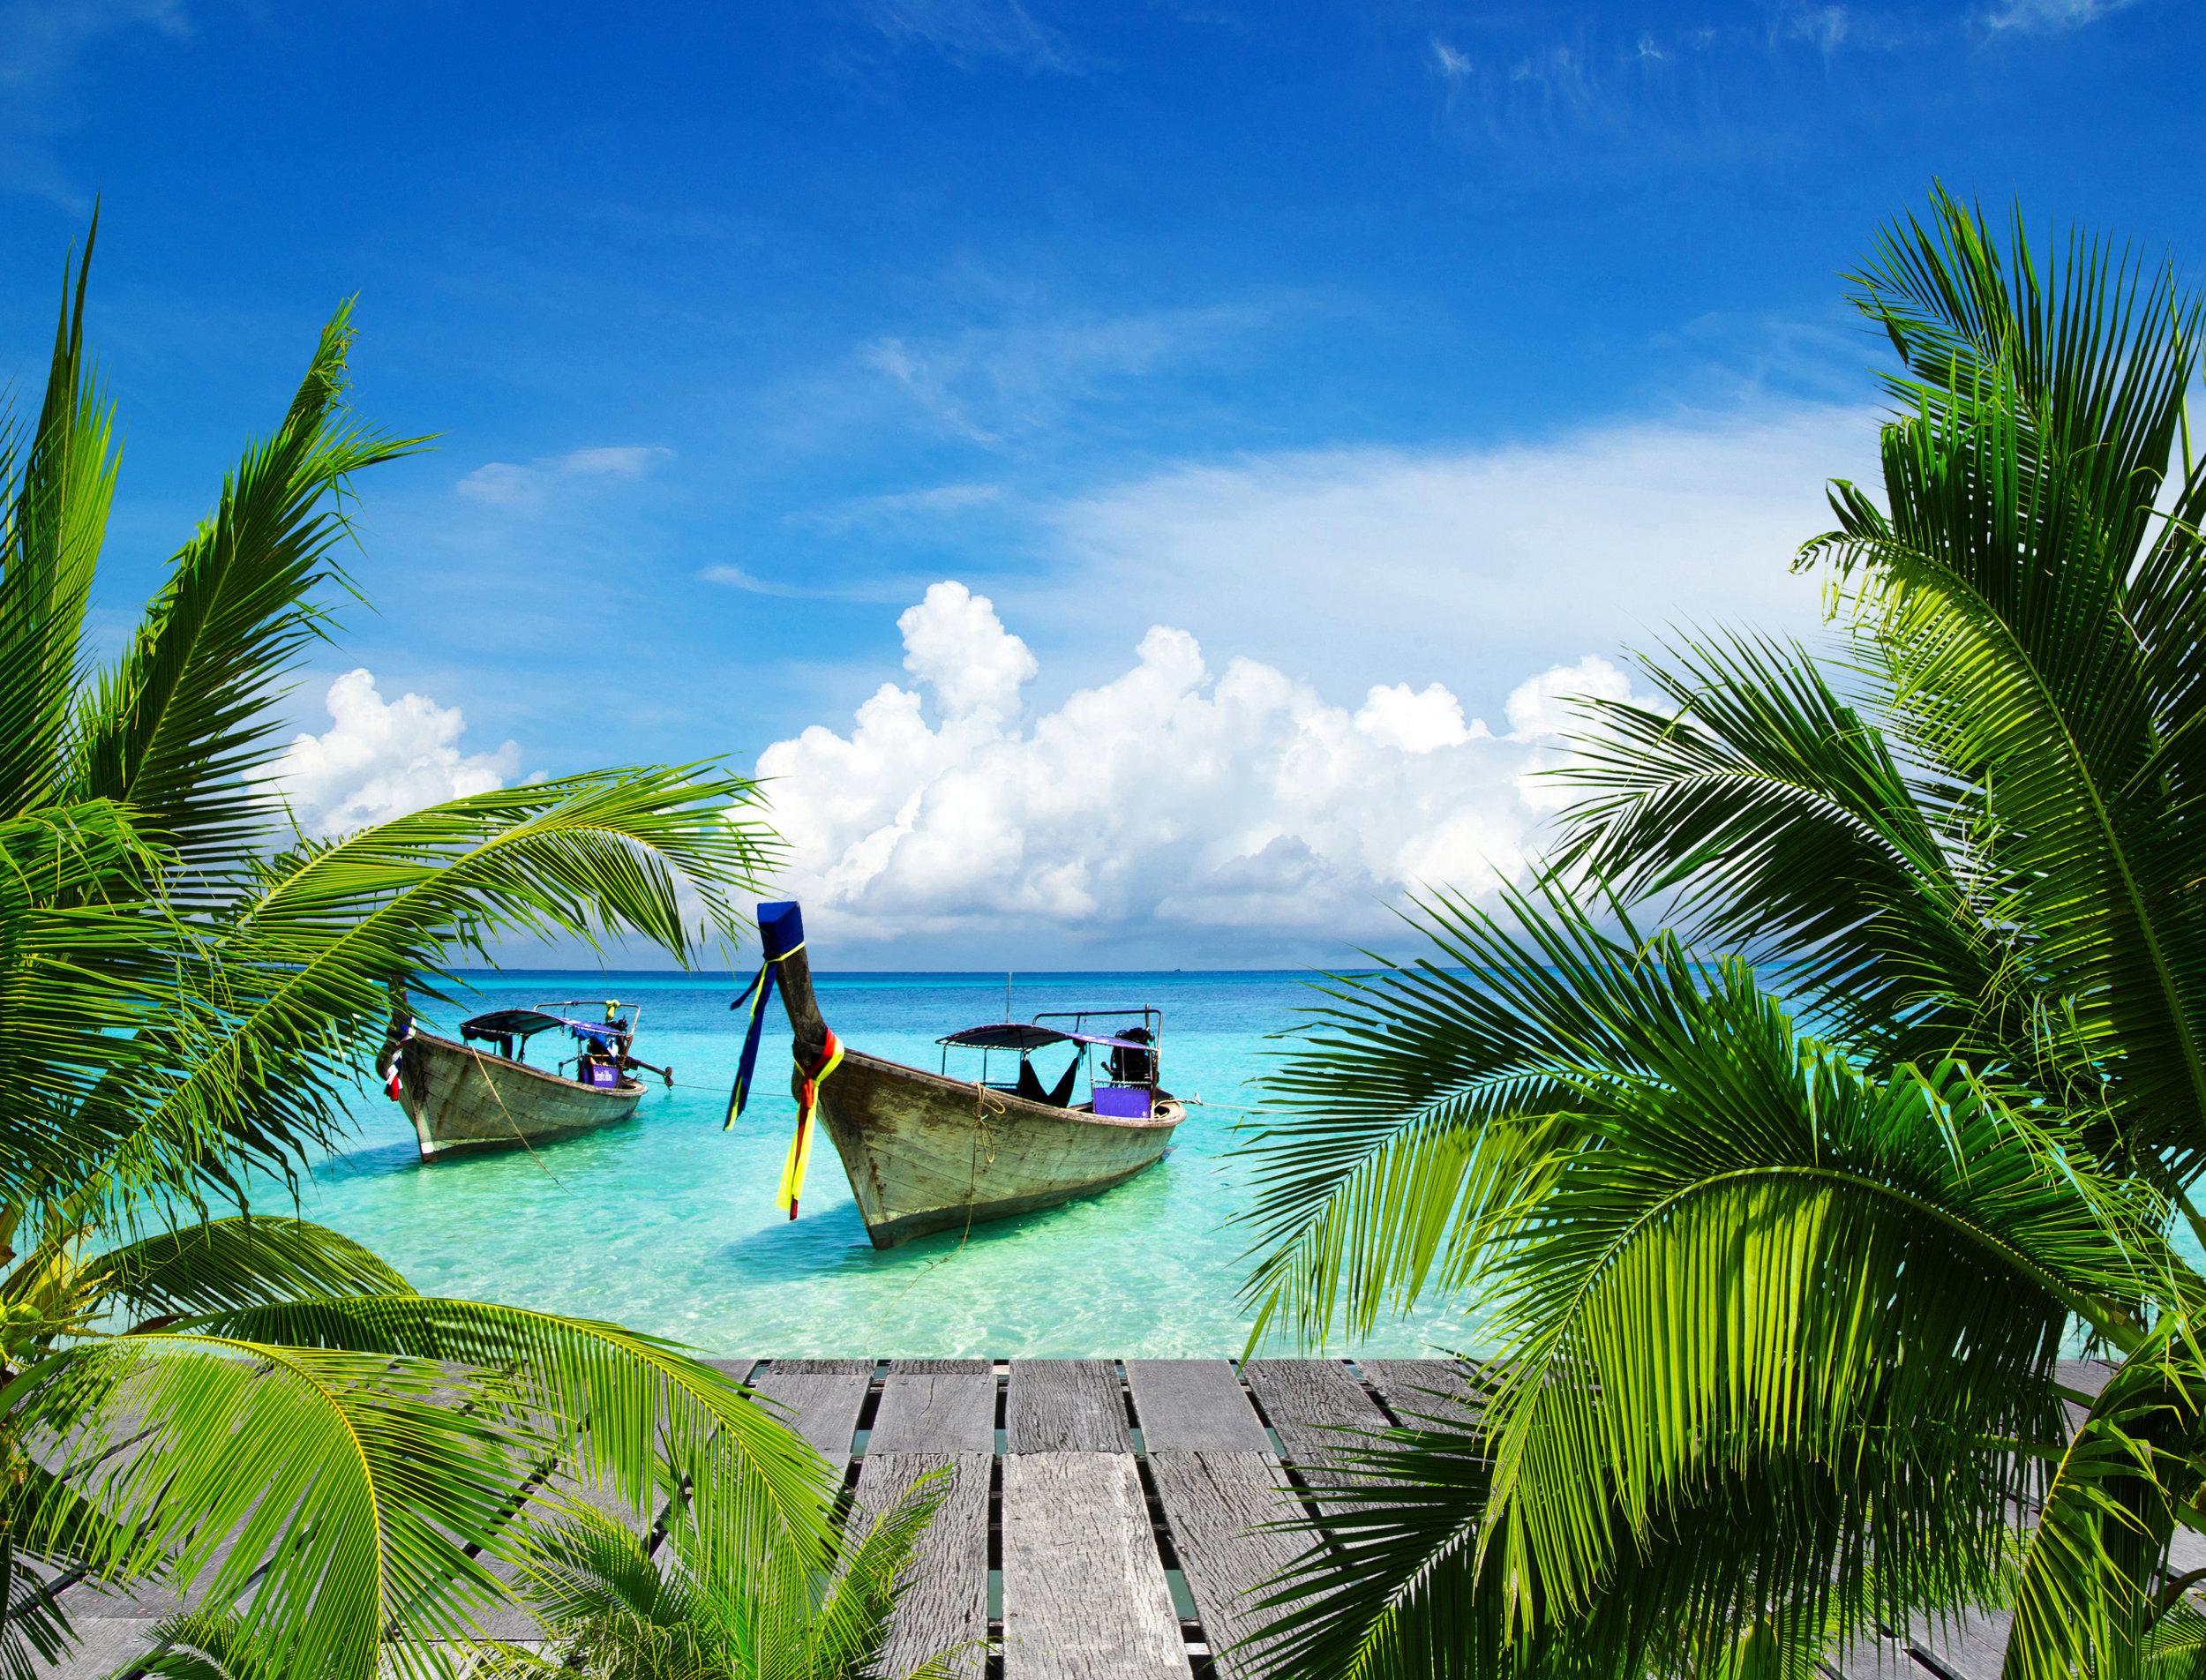 Bali Beach Scene.jpg